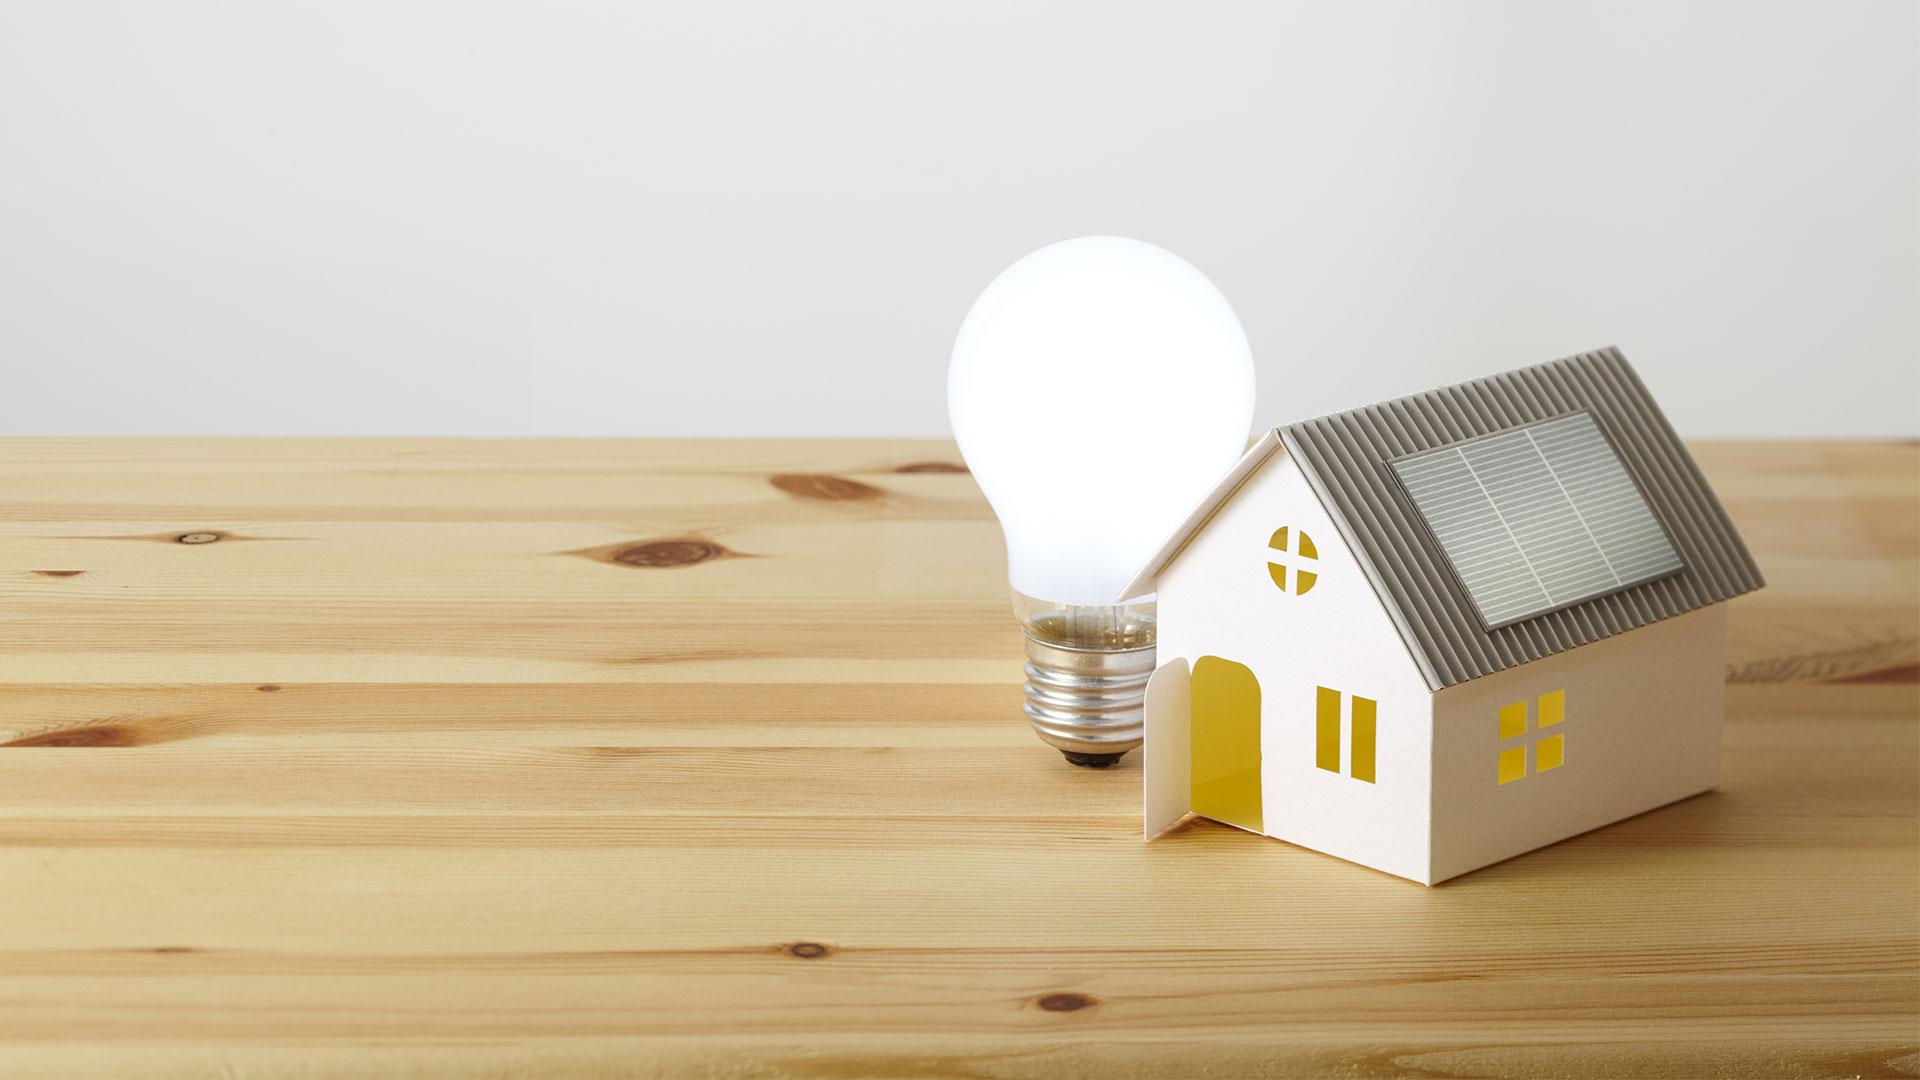 四国電力の電気料金はいくら?料金プランは主に3種類